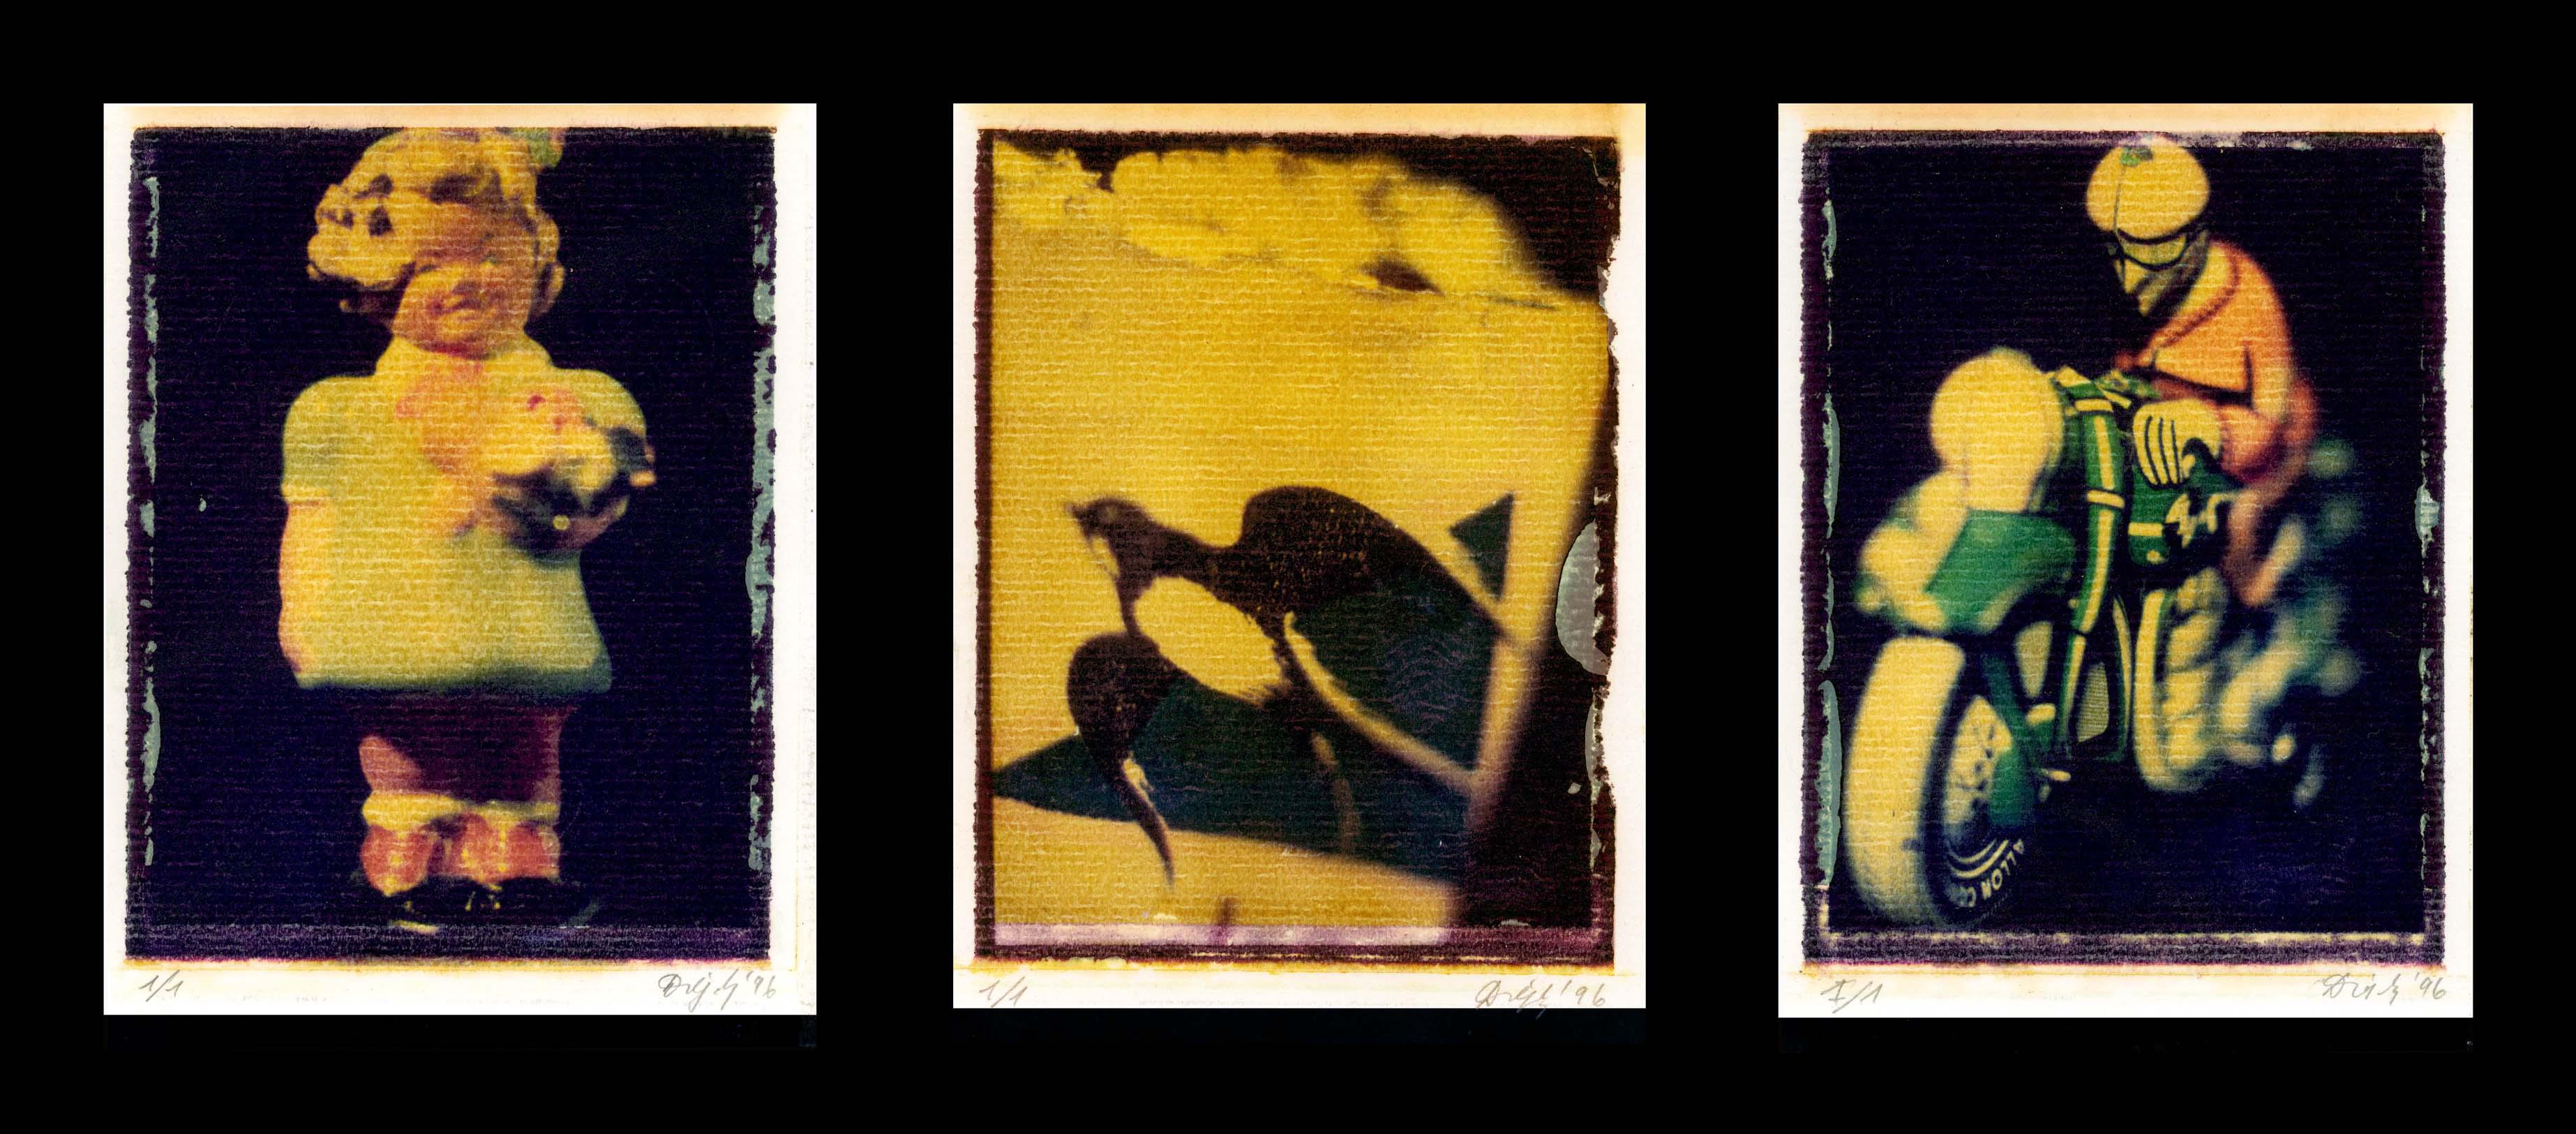 Drégely Imre: Utazás 1–3., 1996 © Drégely Imre